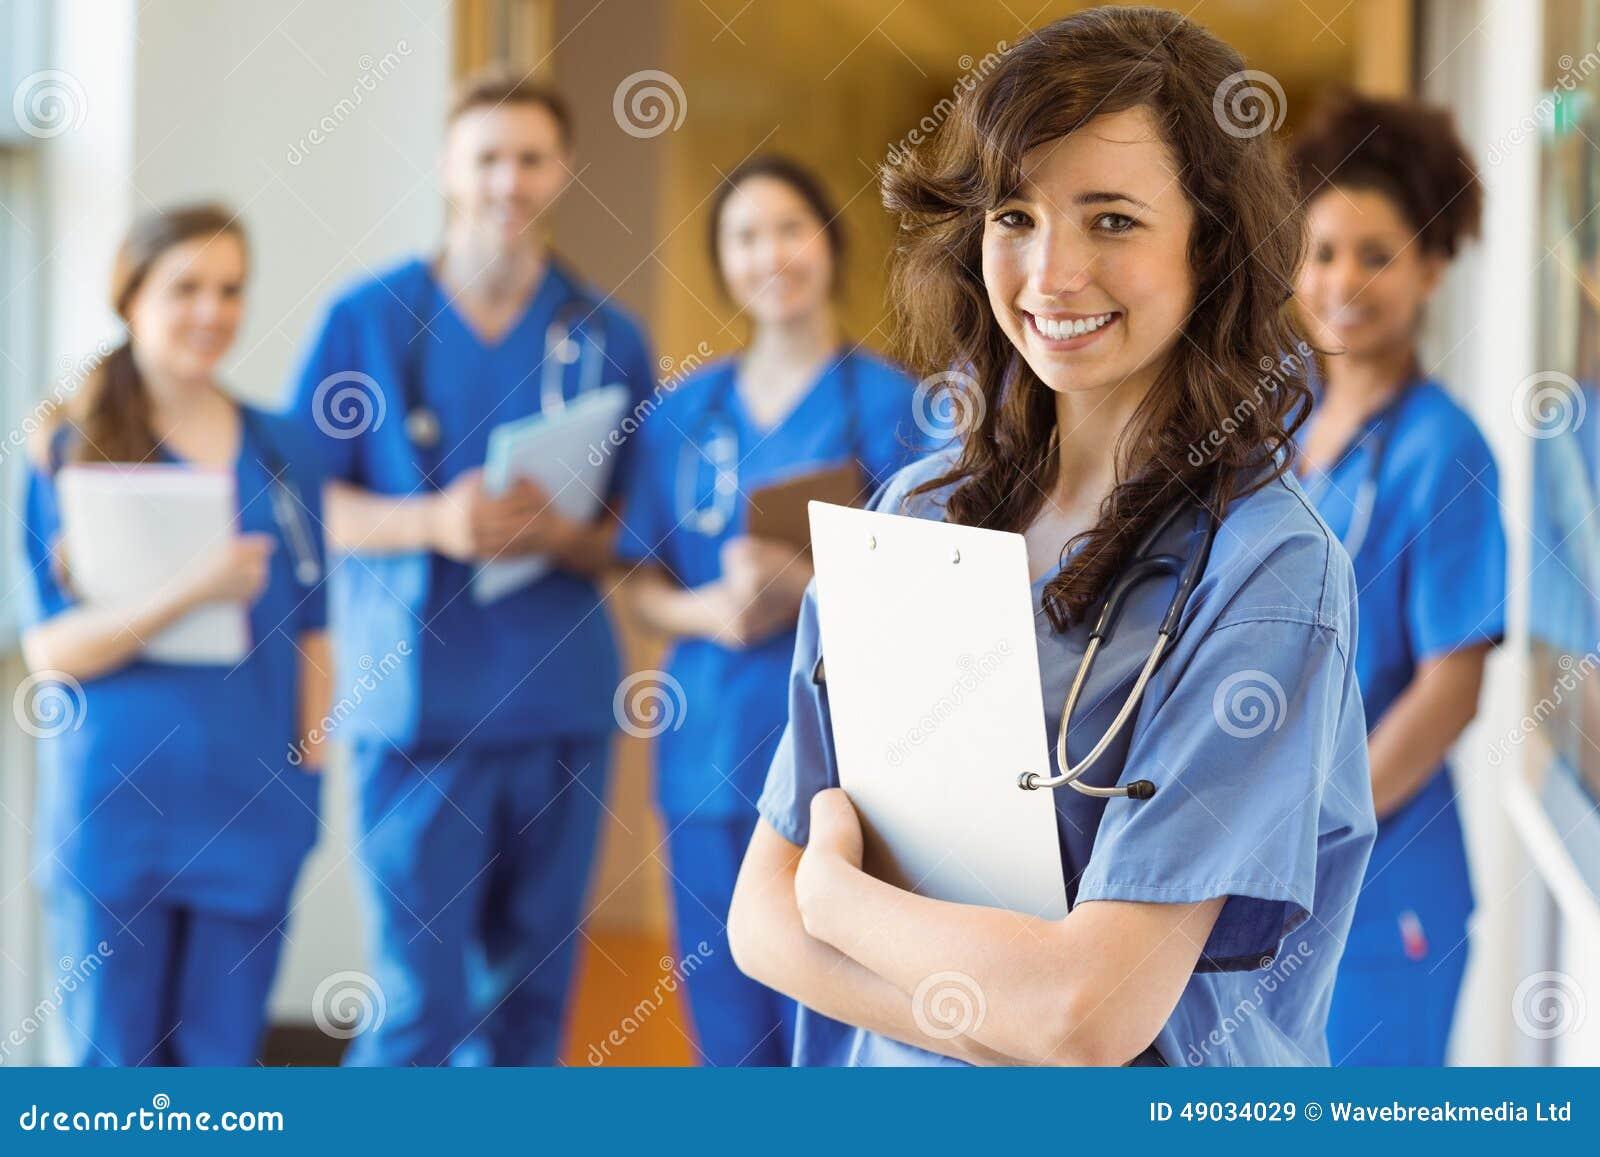 Estudiantes de medicina que sonríen en la cámara